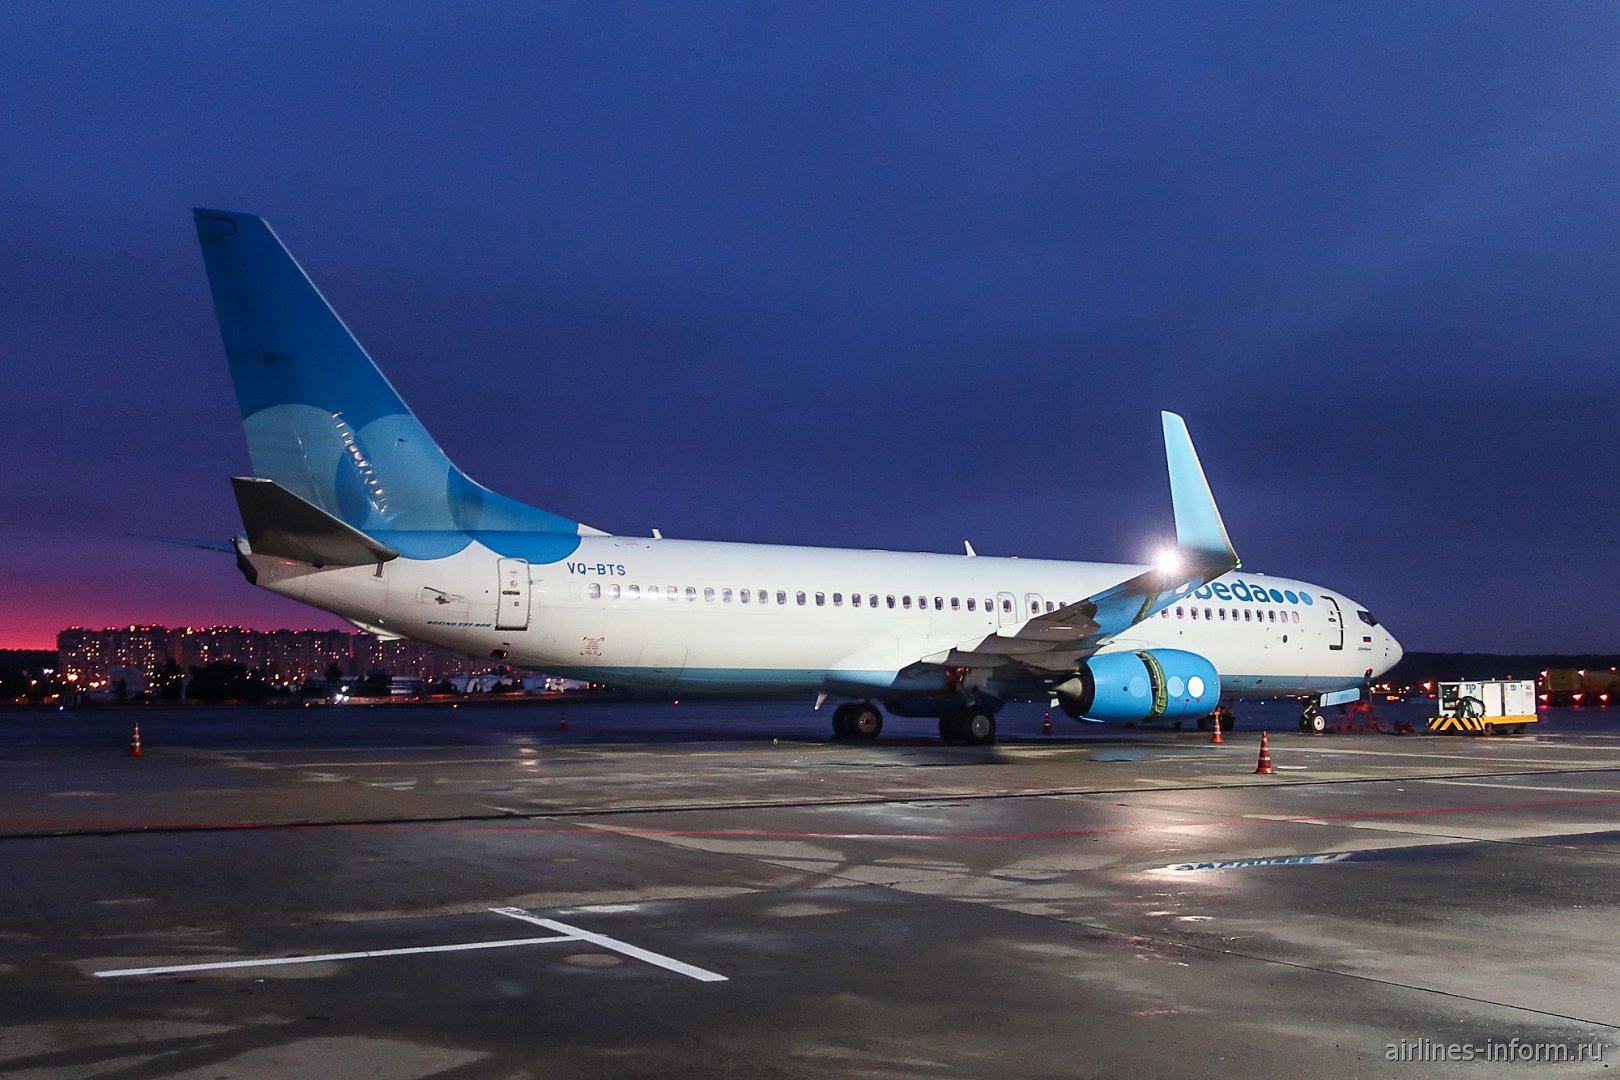 """Боинг-737-800 VQ-BTS авиакомпании """"Победа"""" вечером в аэропорту Внуково"""